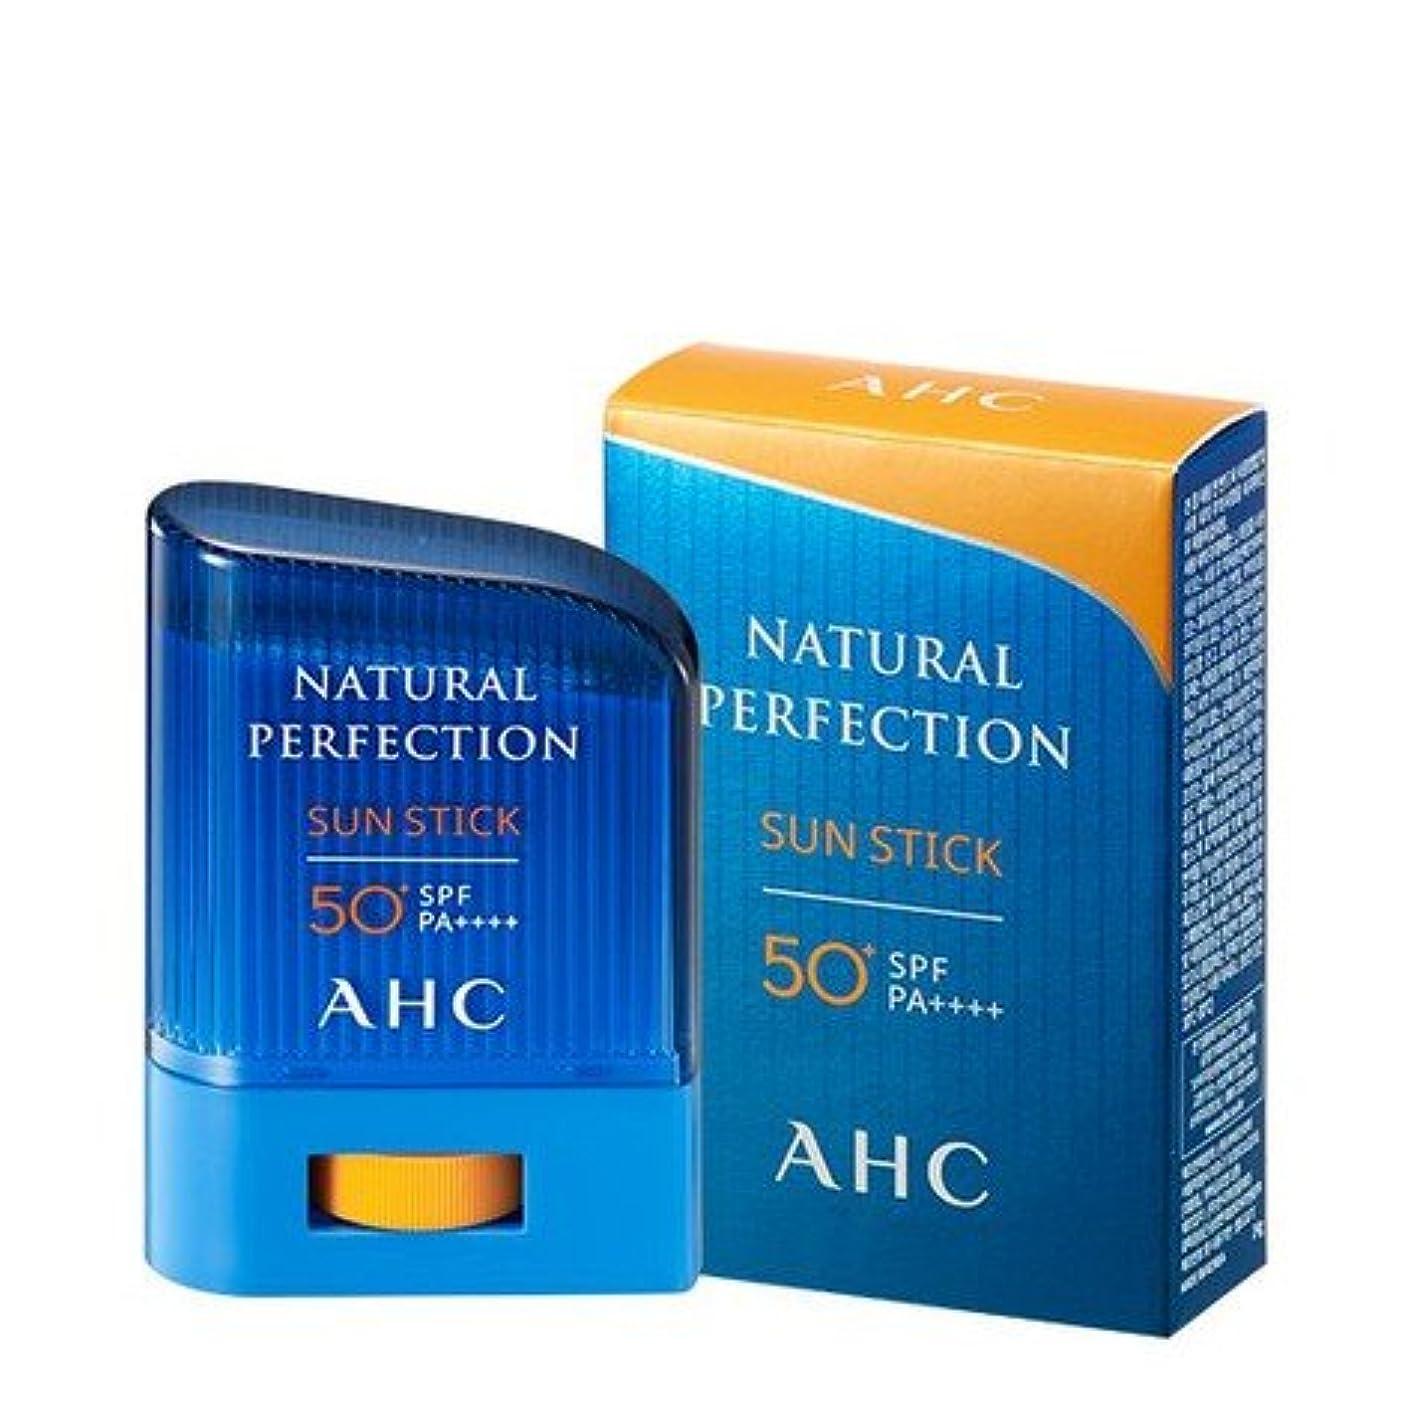 誓う味受け取る[Renewal 最新] AHCナチュラルパーフェクション線スティック / AHC NATURAL PERFECTION SUN STICK [SPF 50+ / PA ++++] [並行輸入品] (14g)